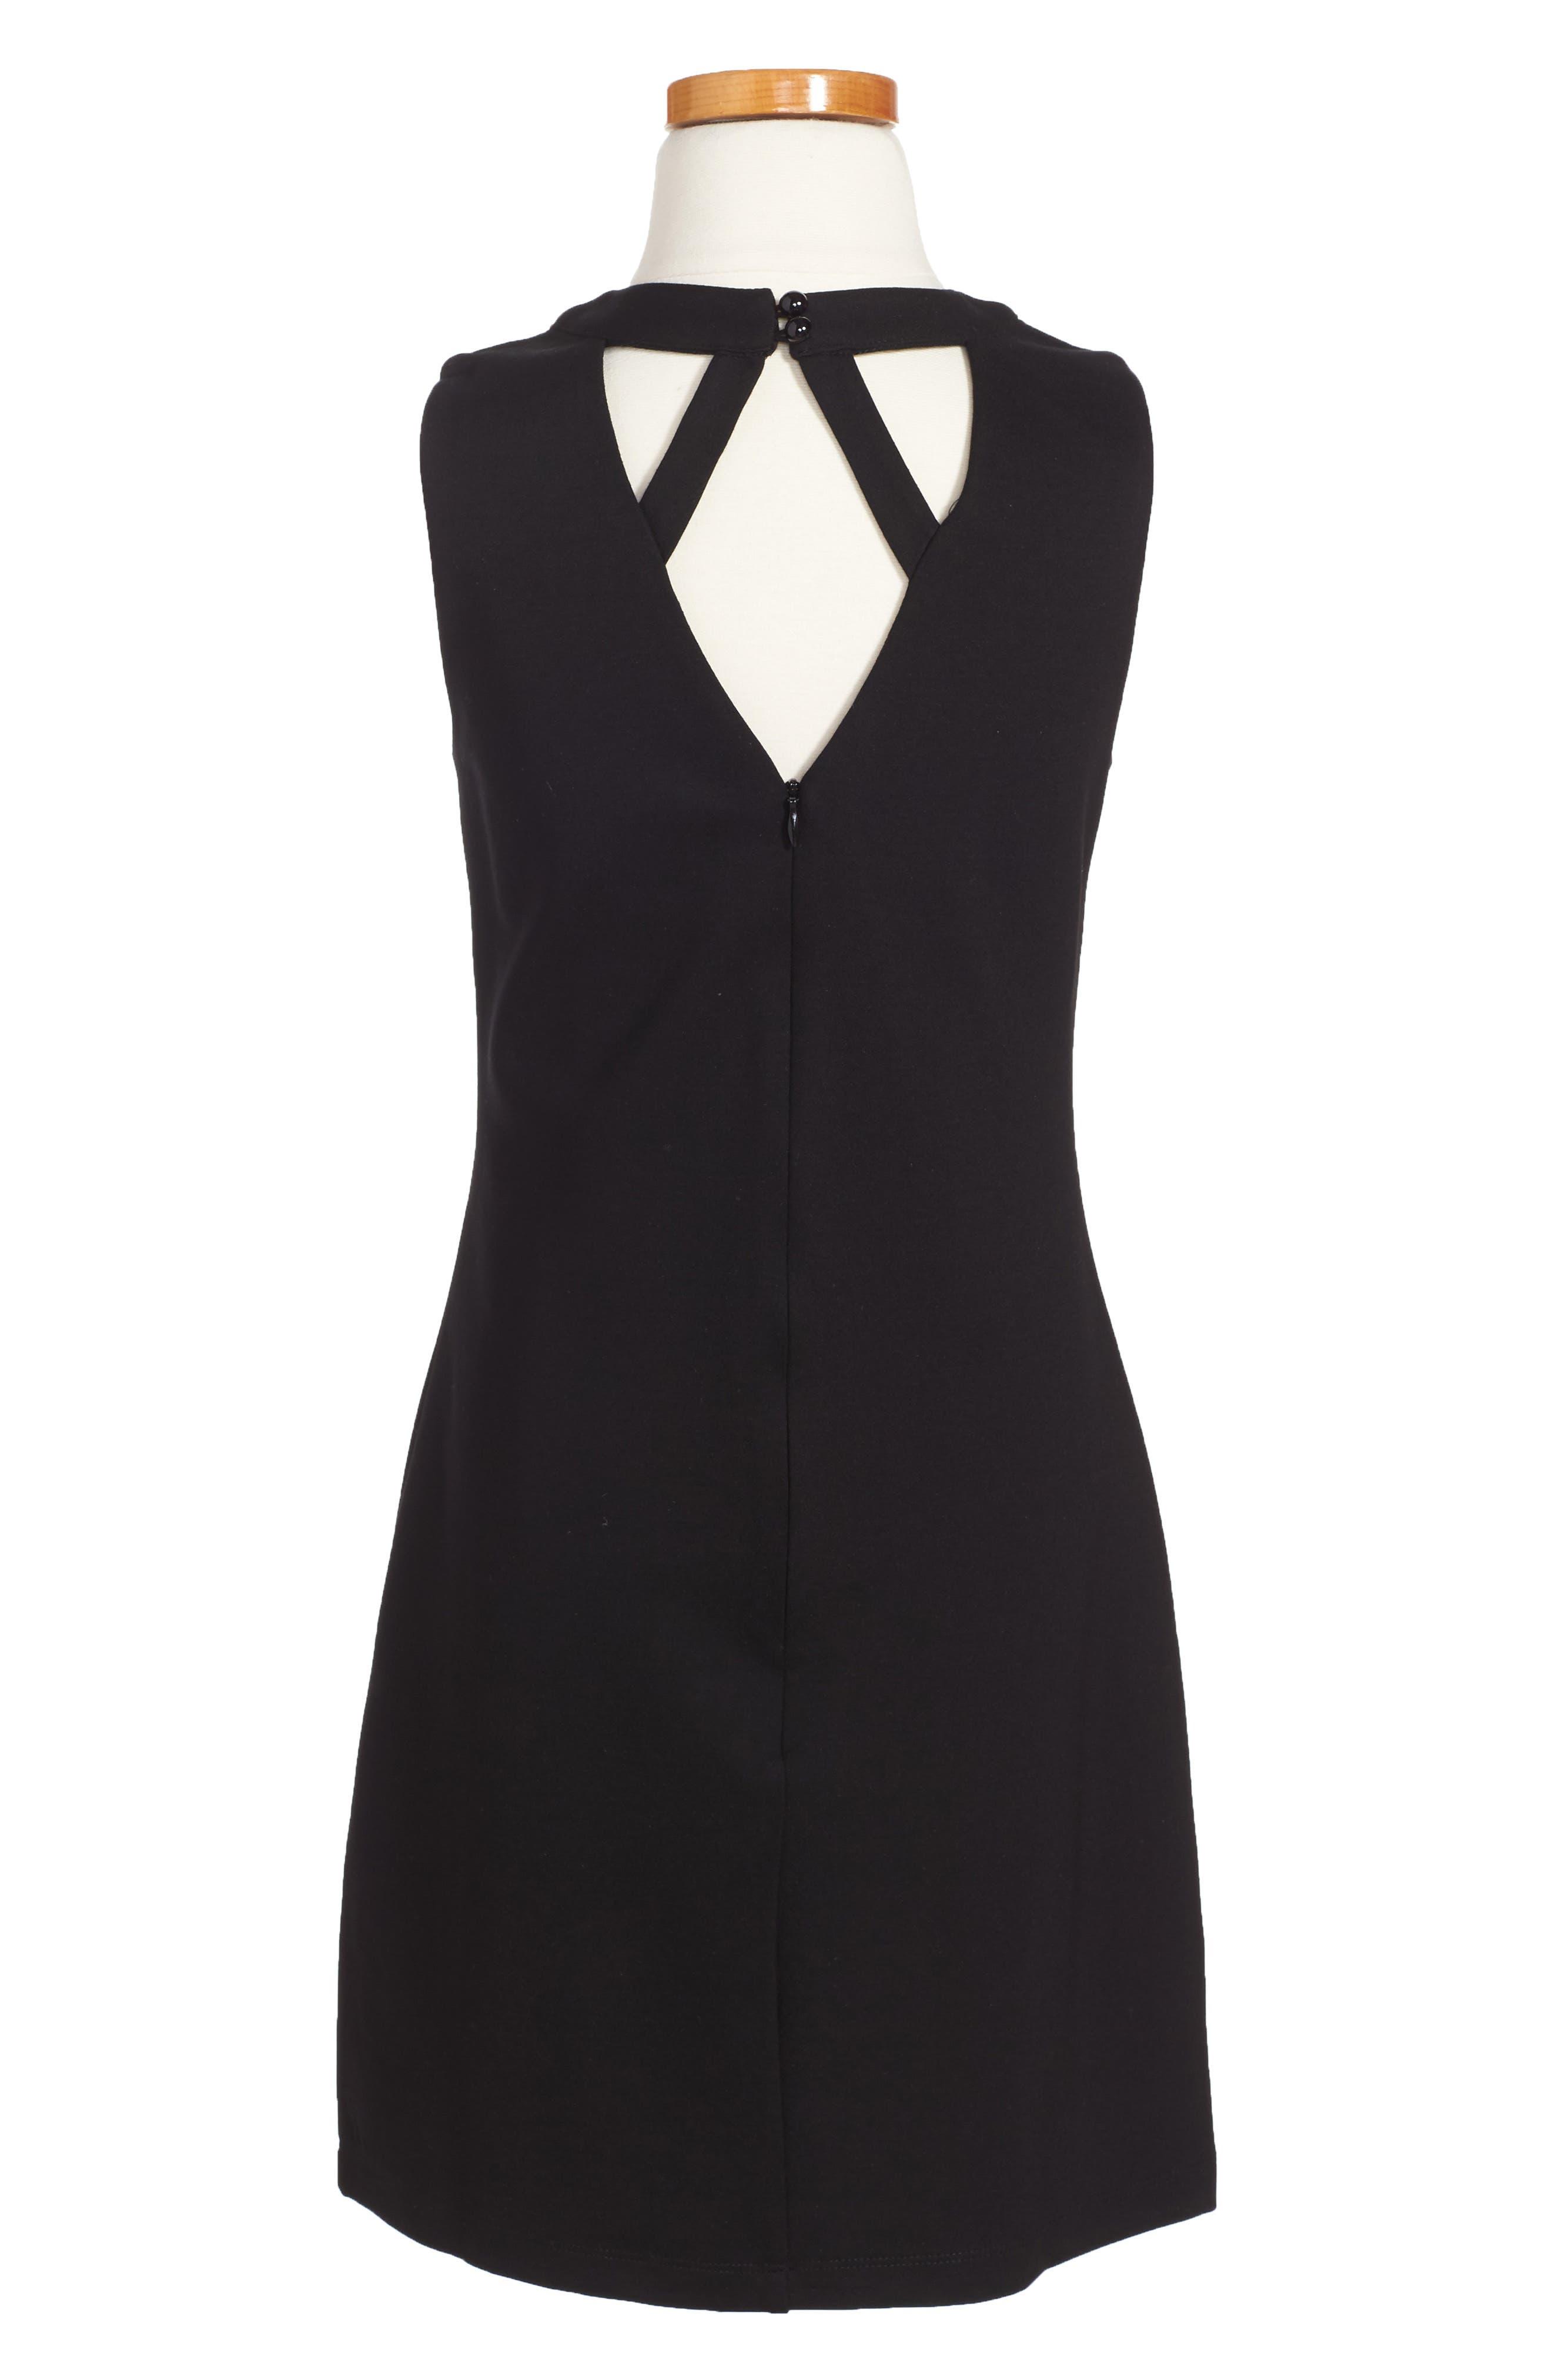 Ponti Dress,                             Alternate thumbnail 2, color,                             001